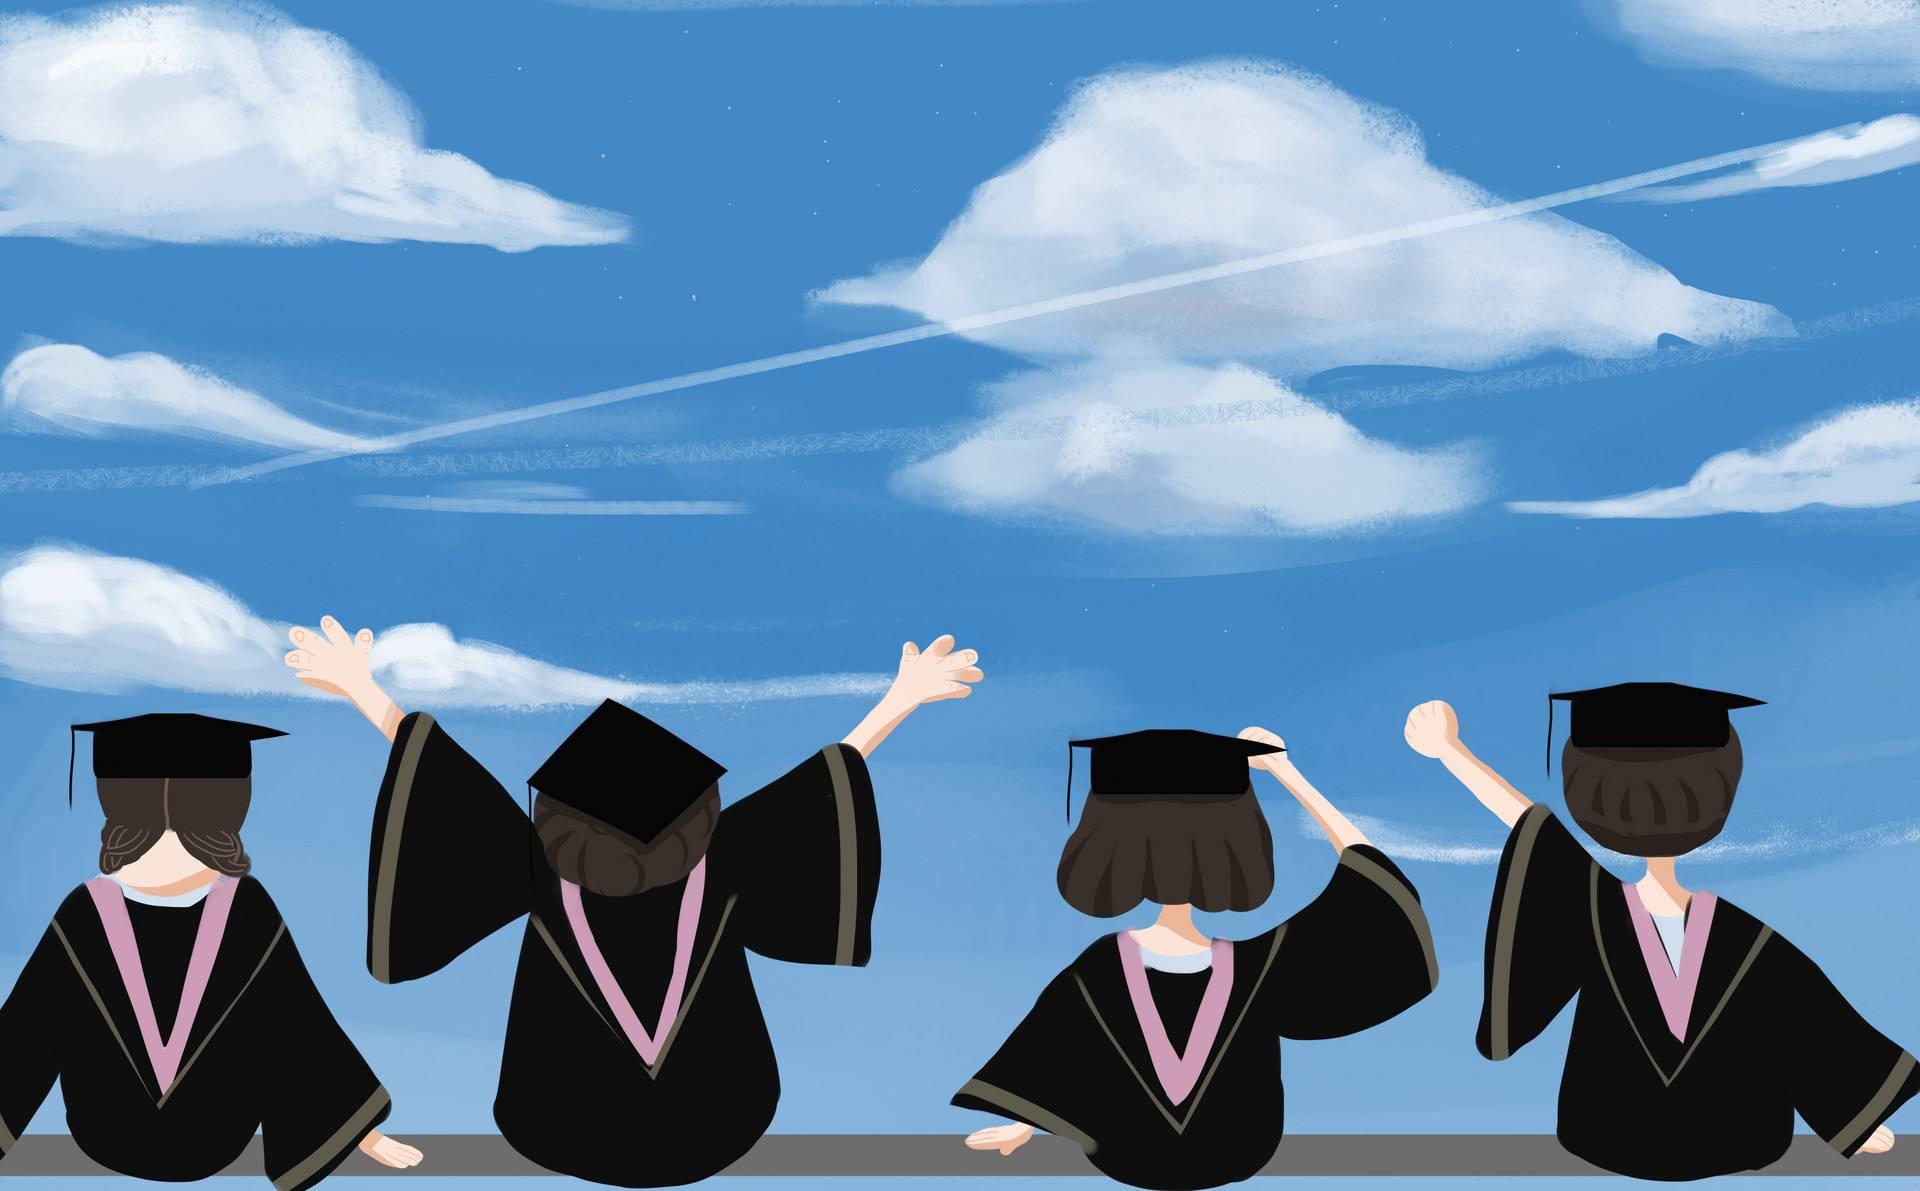 高考考研公务员考试作弊将面临三年以上有期徒刑